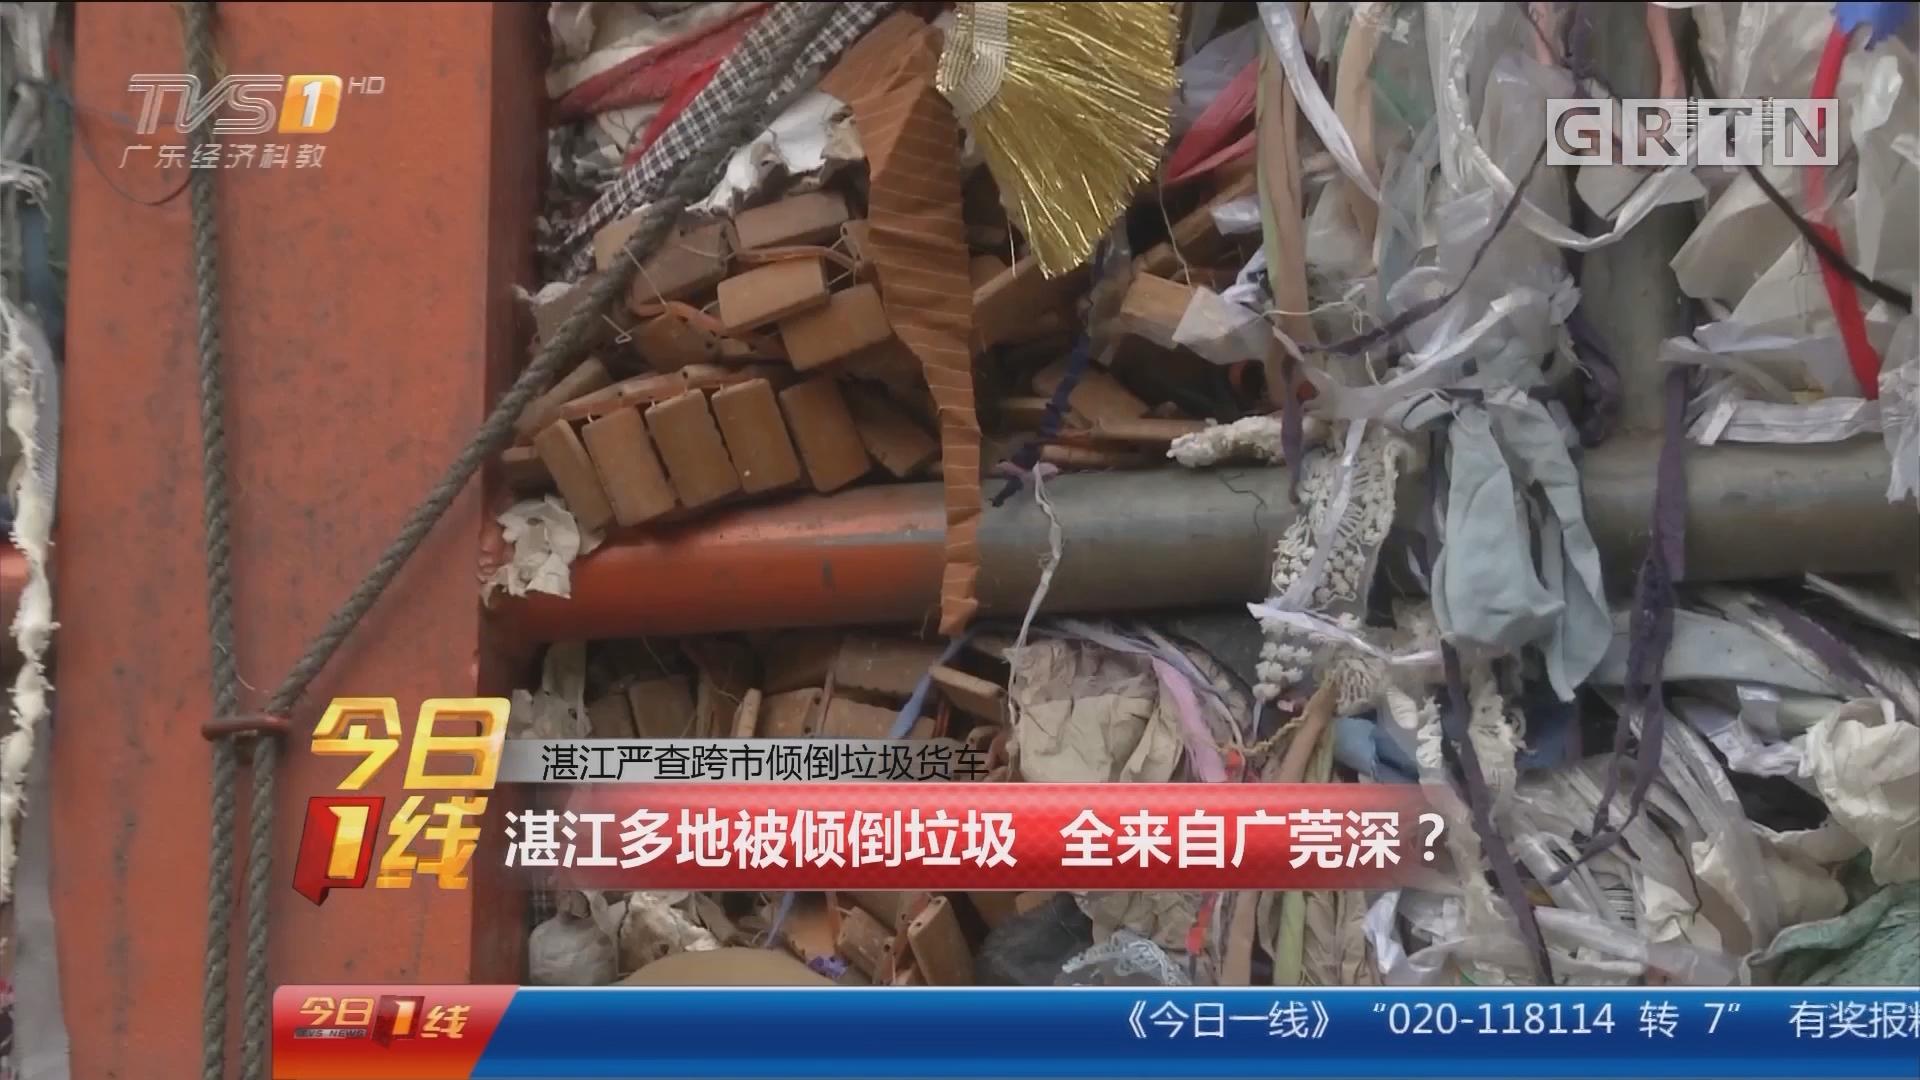 湛江严查跨市倾倒垃圾货车:湛江多地被倾倒垃圾 全来自广莞深?